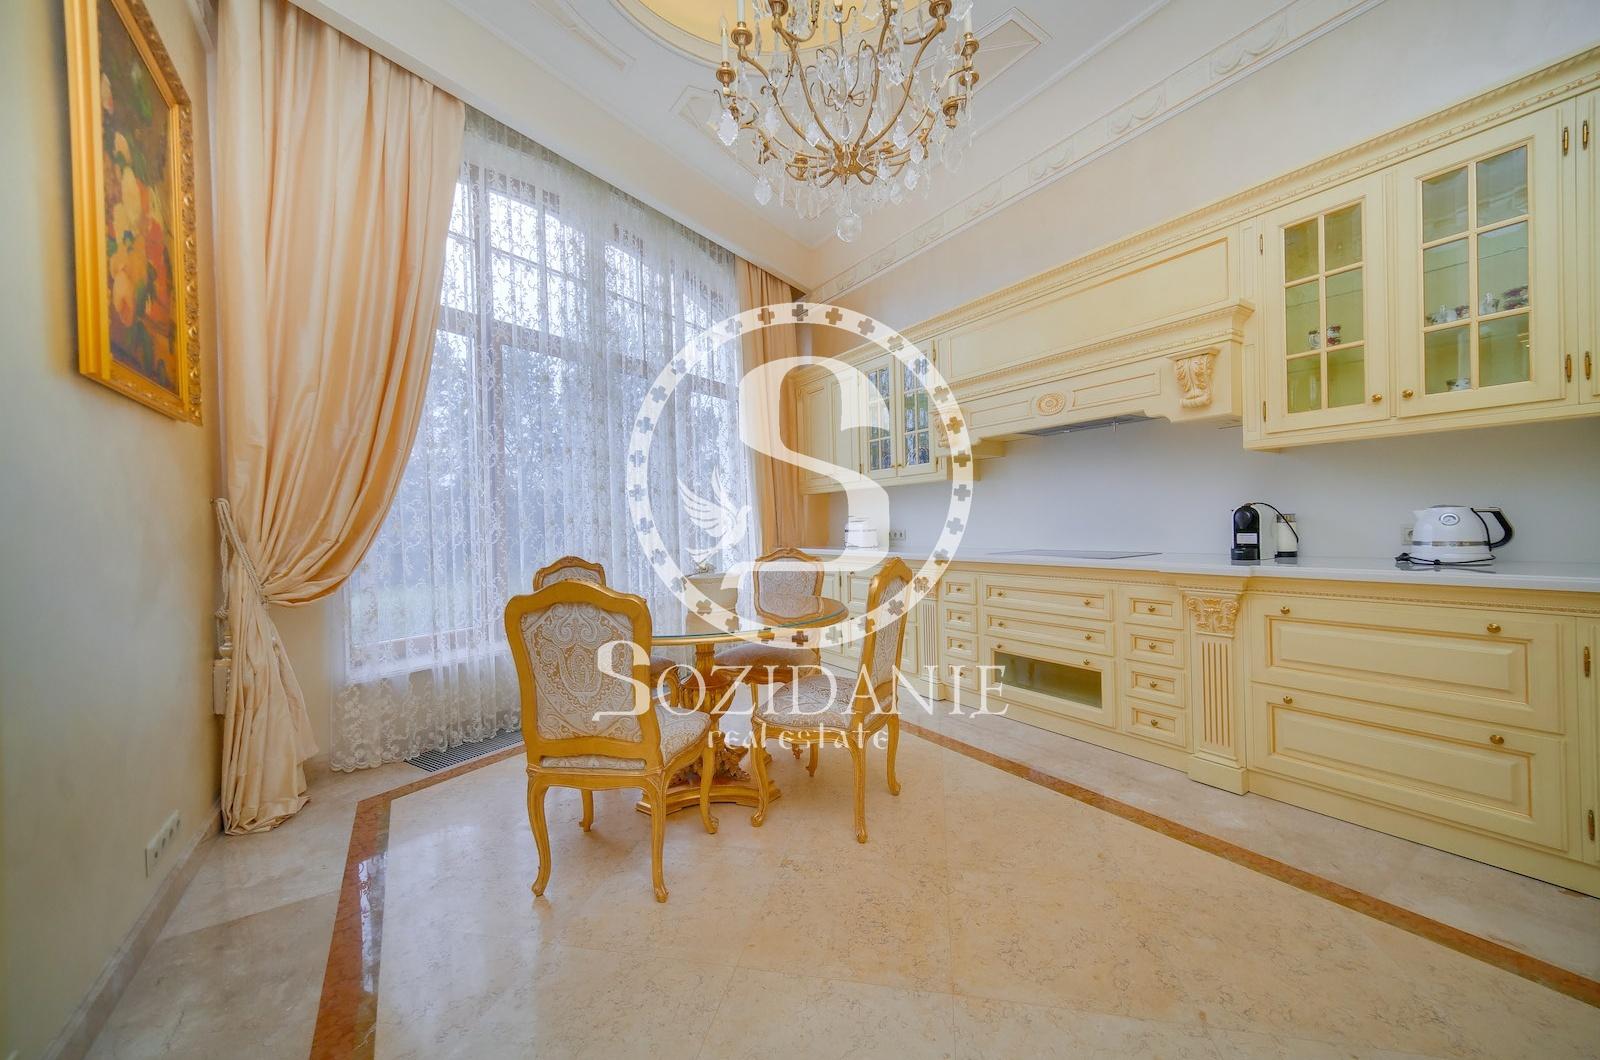 6 Bedrooms, Загородная, Продажа, Listing ID 1356, Московская область, Россия,